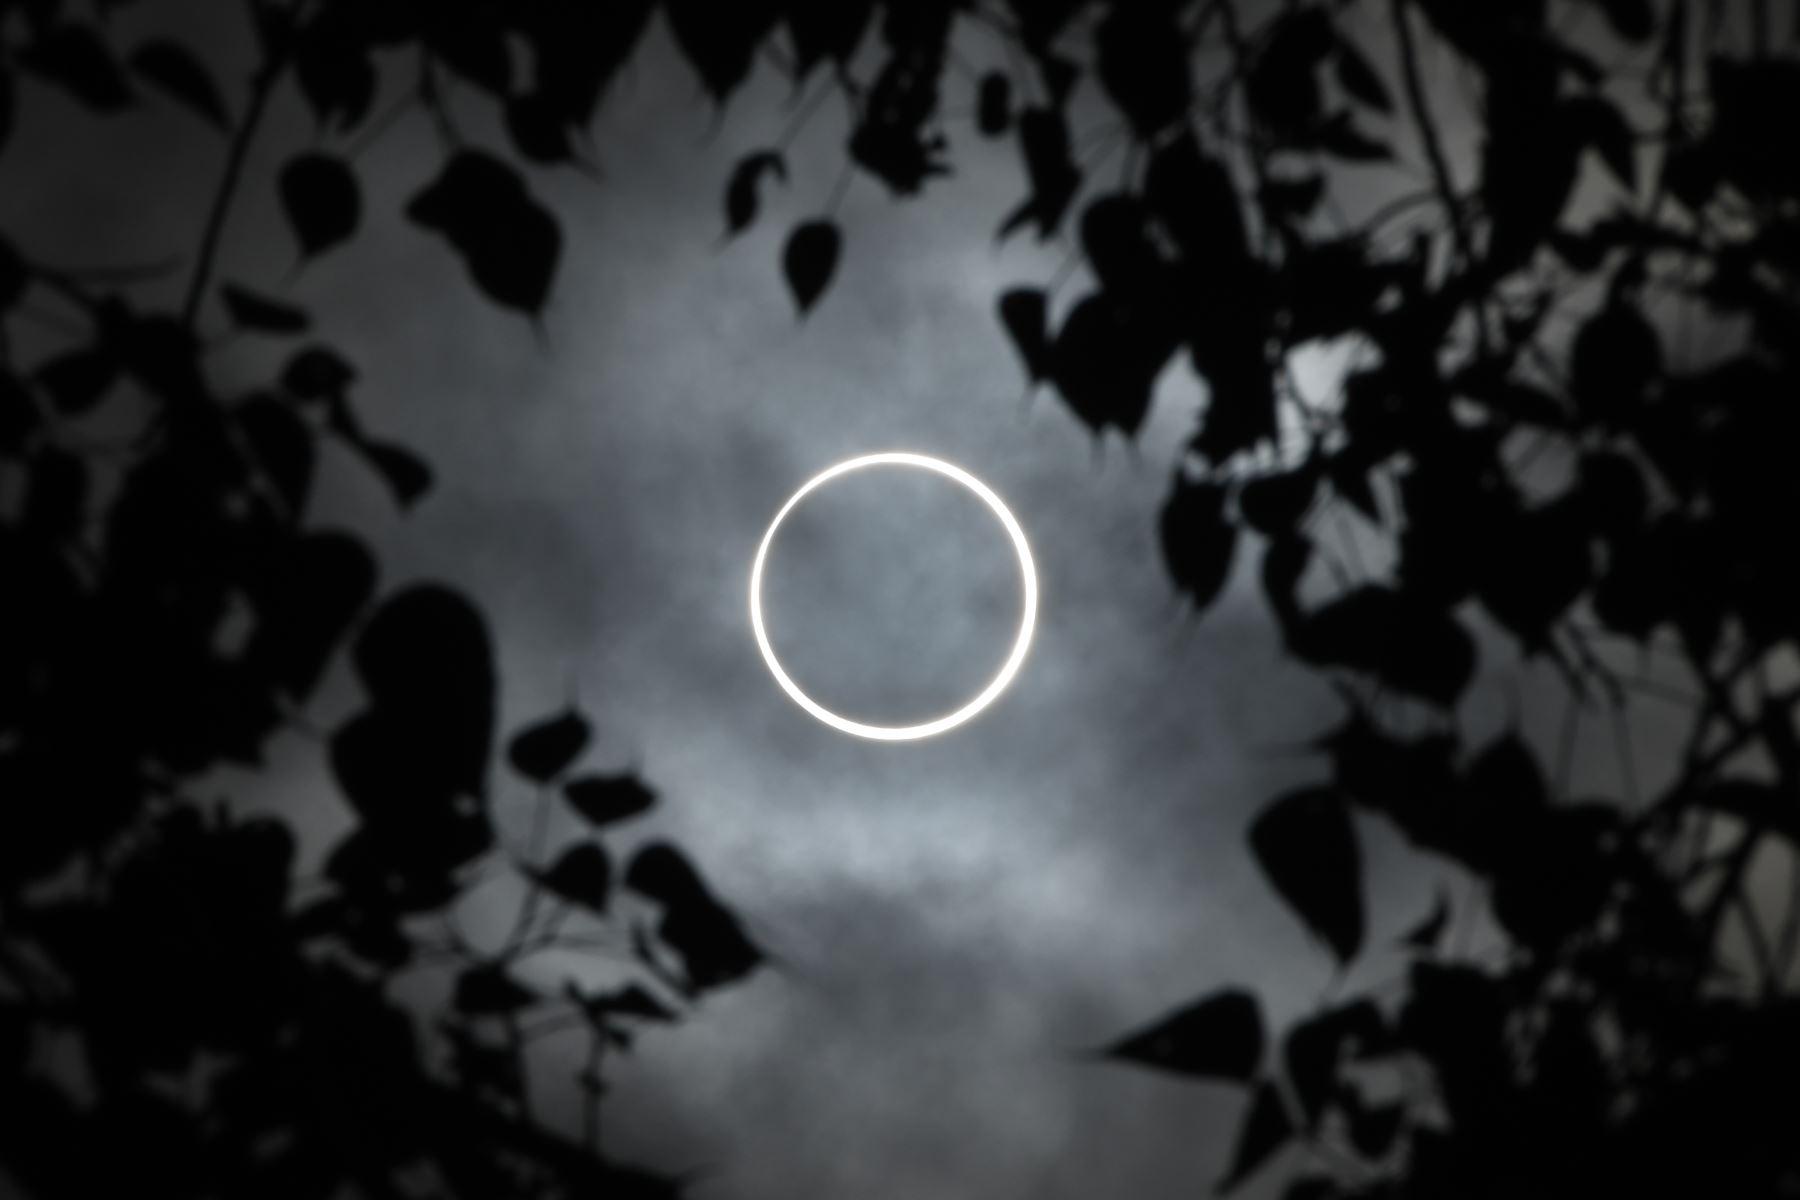 """La luna cubre totalmente el sol en un eclipse solar de """"anillo de fuego"""" visto desde la ciudad de Dindigul, en el sur de la India. Foto: AFP"""